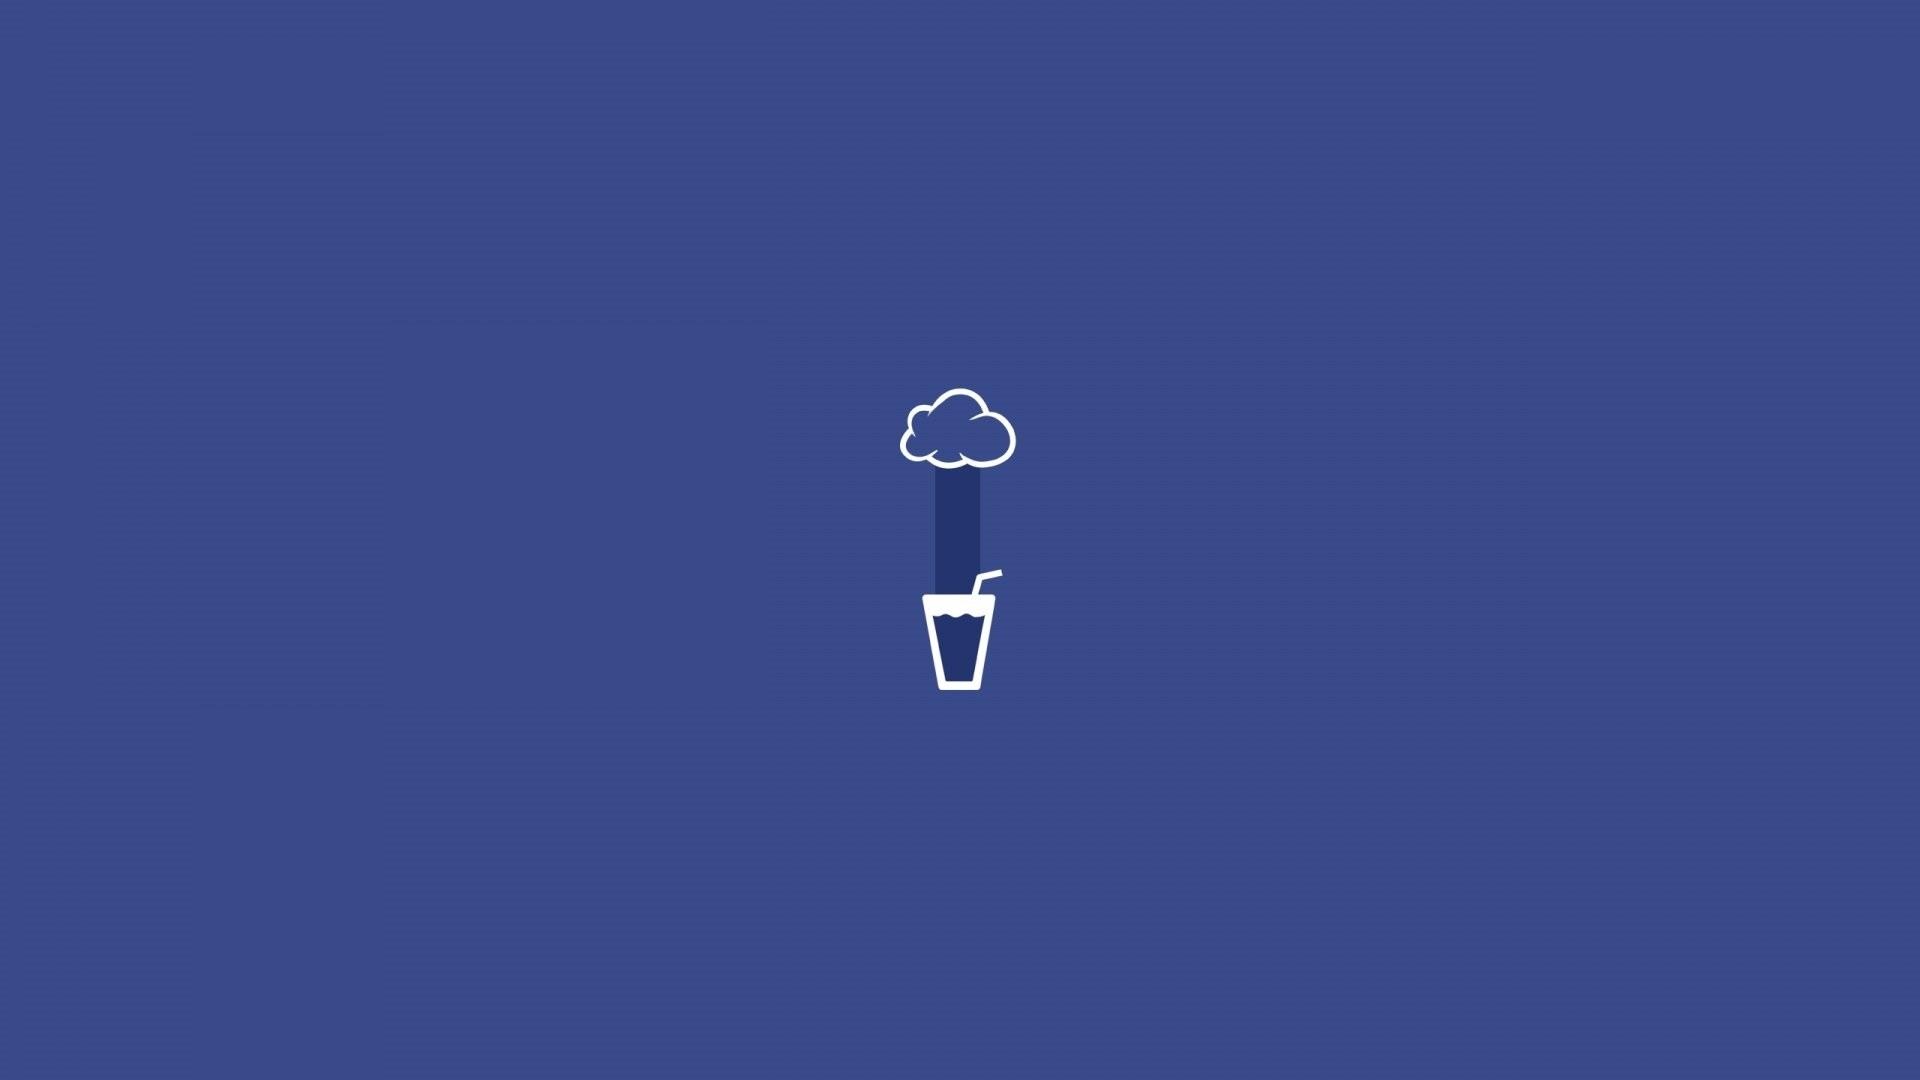 Rain Minimalist Image